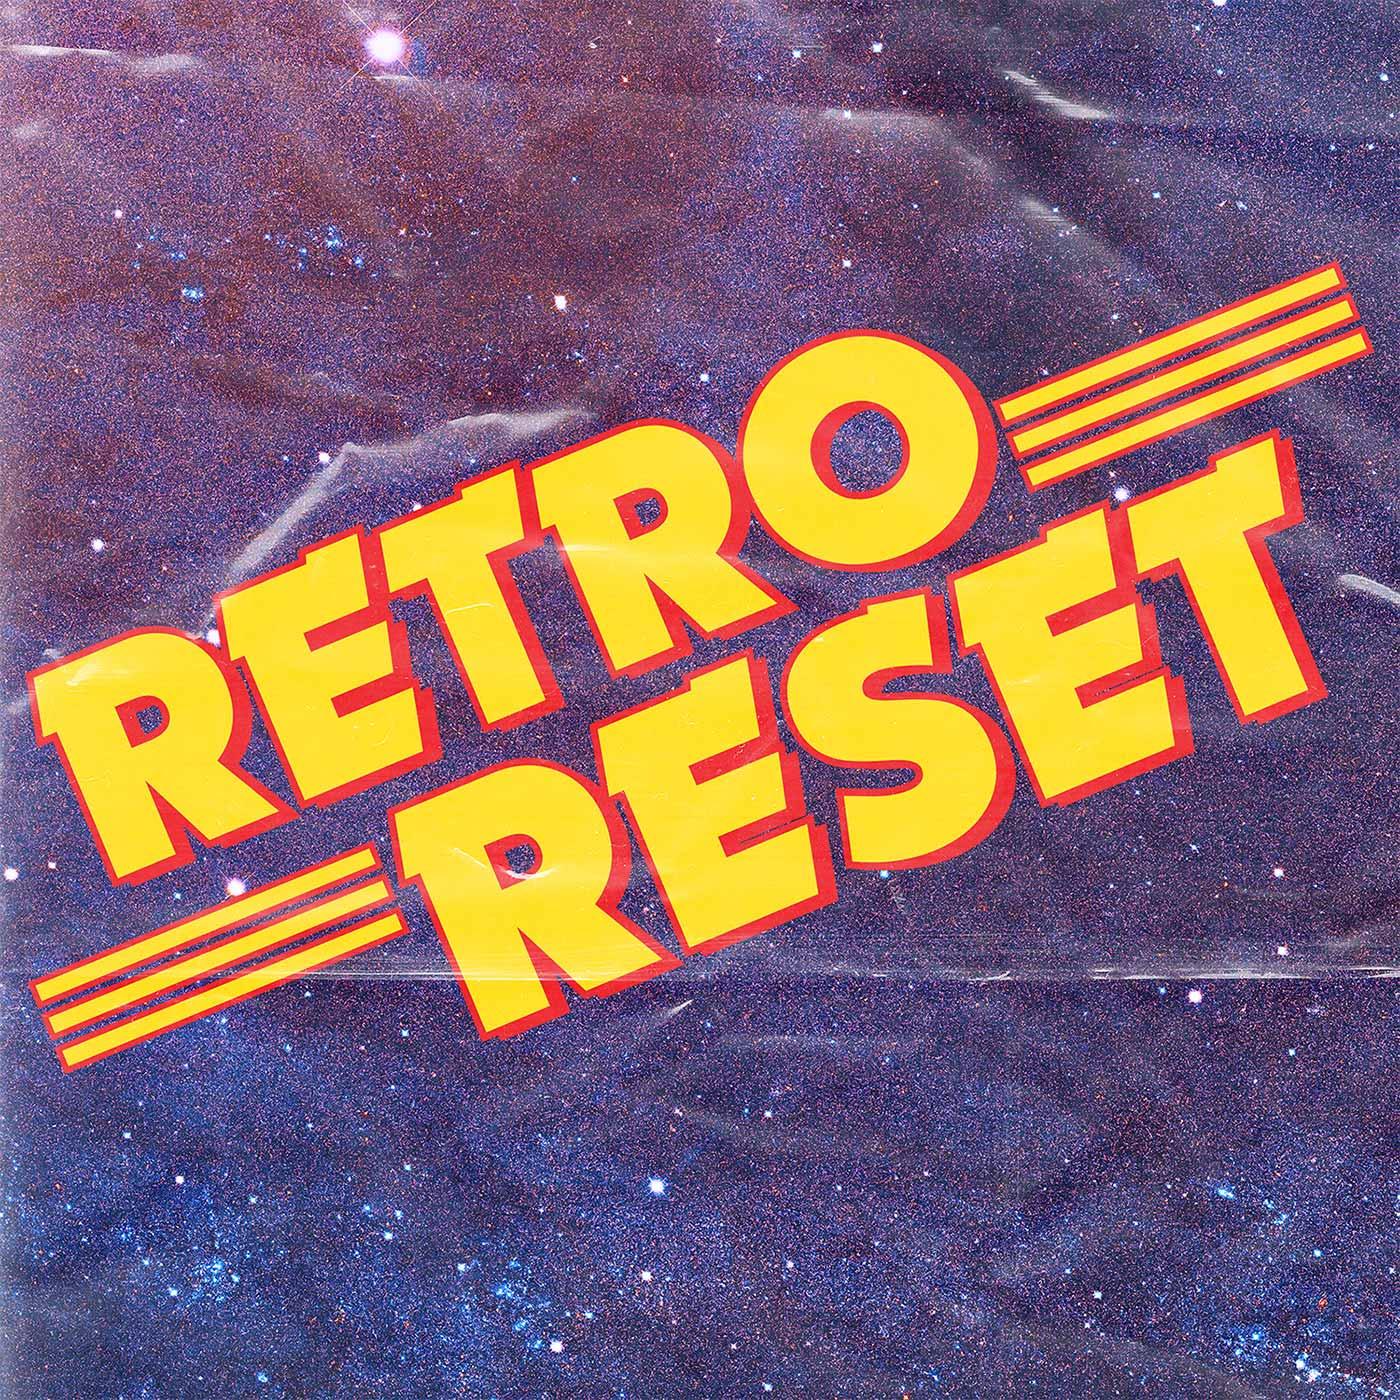 Artwork for podcast Retro Reset